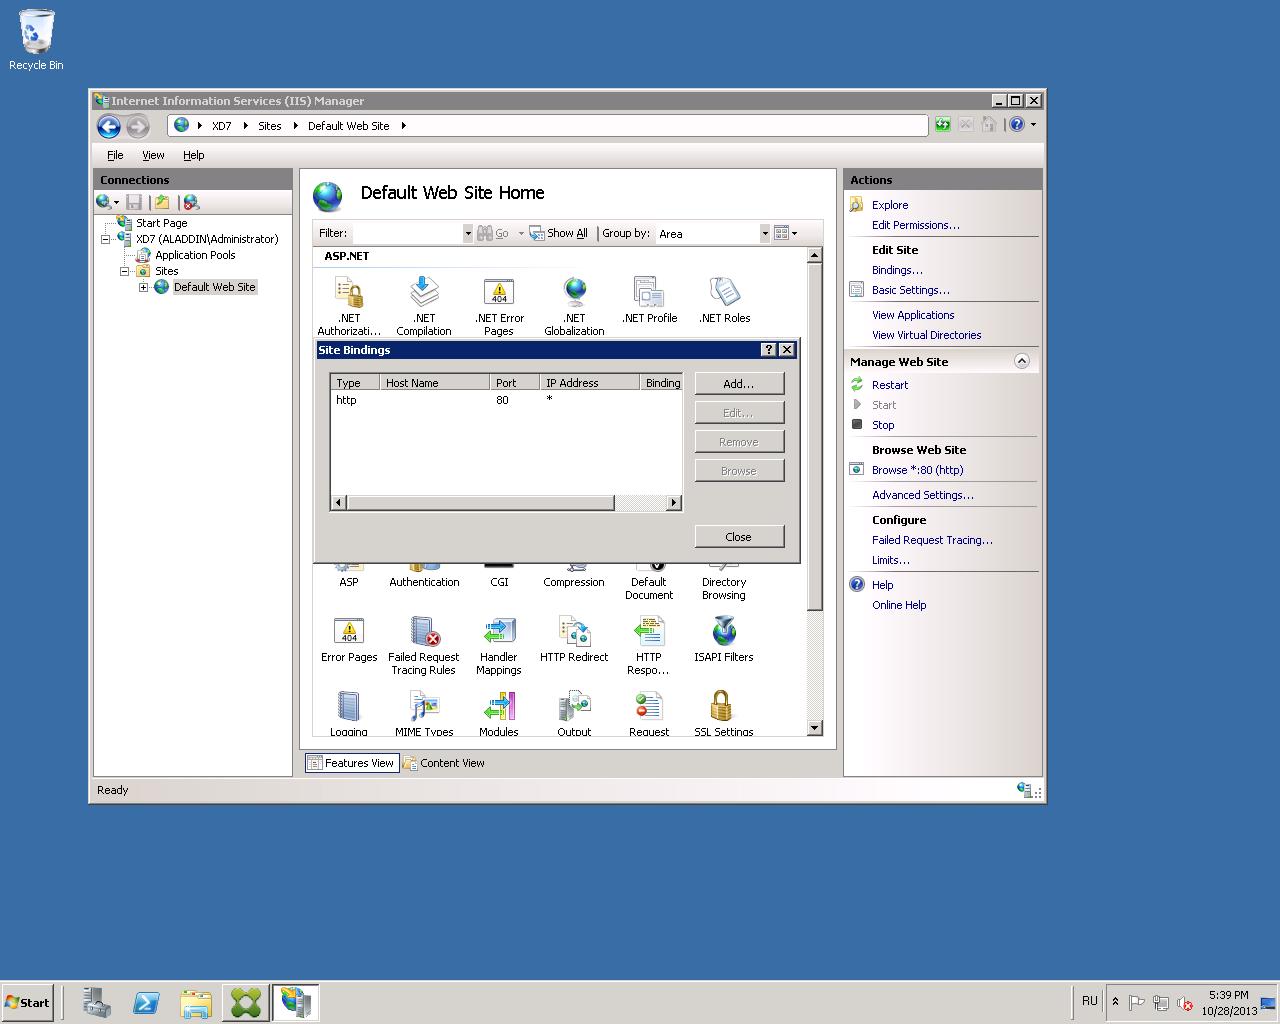 Настройка аутентификации в Citrix XenDesktop 7.x c использованием смарт-карт JaCarta PKI - 28